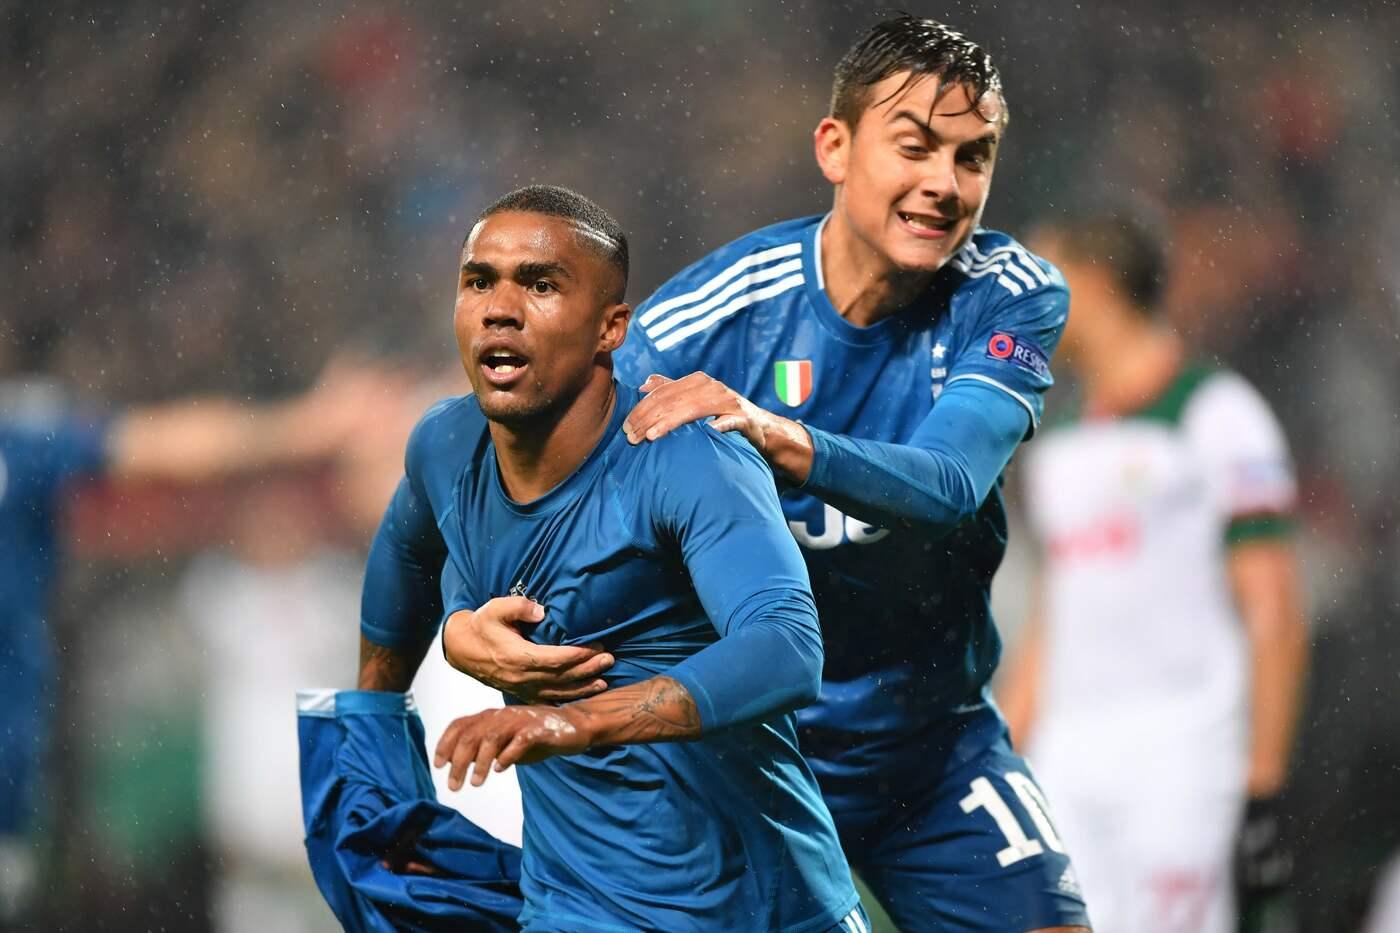 Pronostico Atalanta-Juventus 23 novembre: analisi del match di Serie A